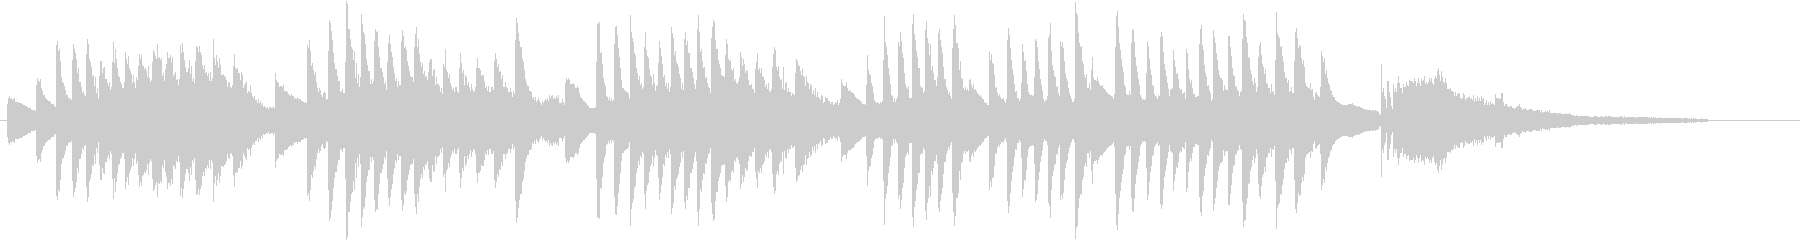 和音で流れ星を現した幻想的ピアノジングルの未再生の波形